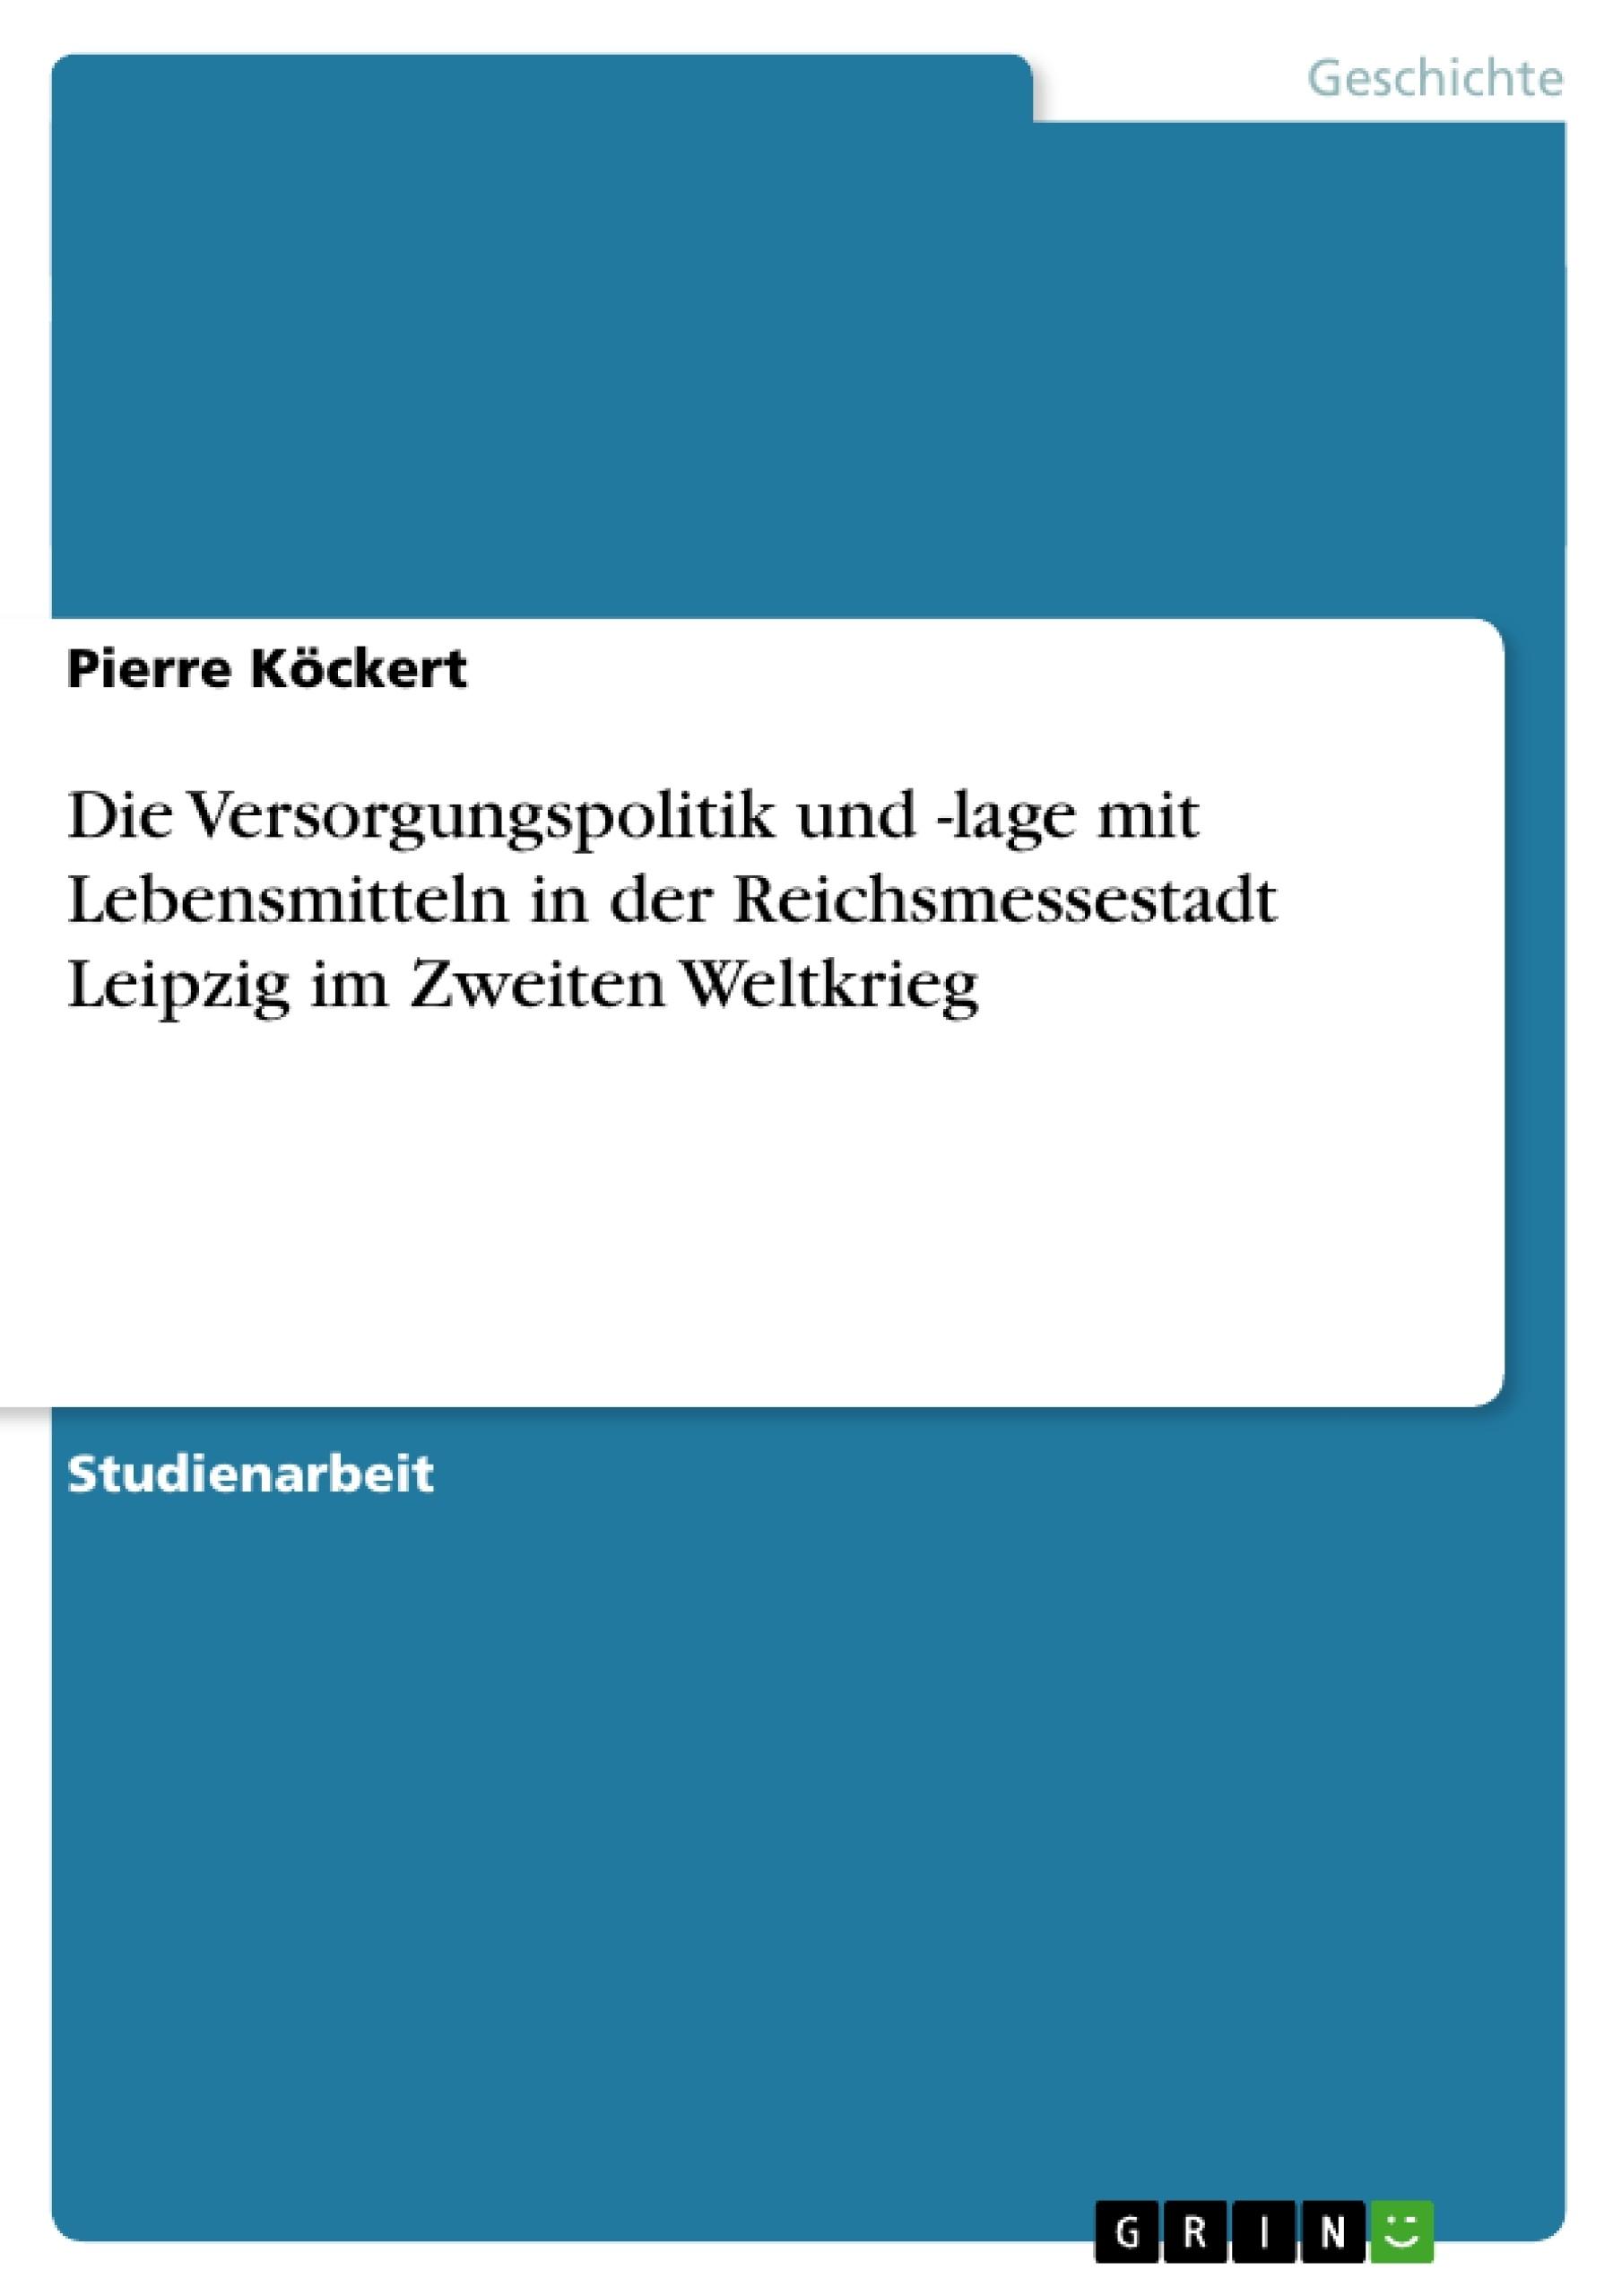 Titel: Die Versorgungspolitik und -lage mit Lebensmitteln in der Reichsmessestadt Leipzig im Zweiten Weltkrieg